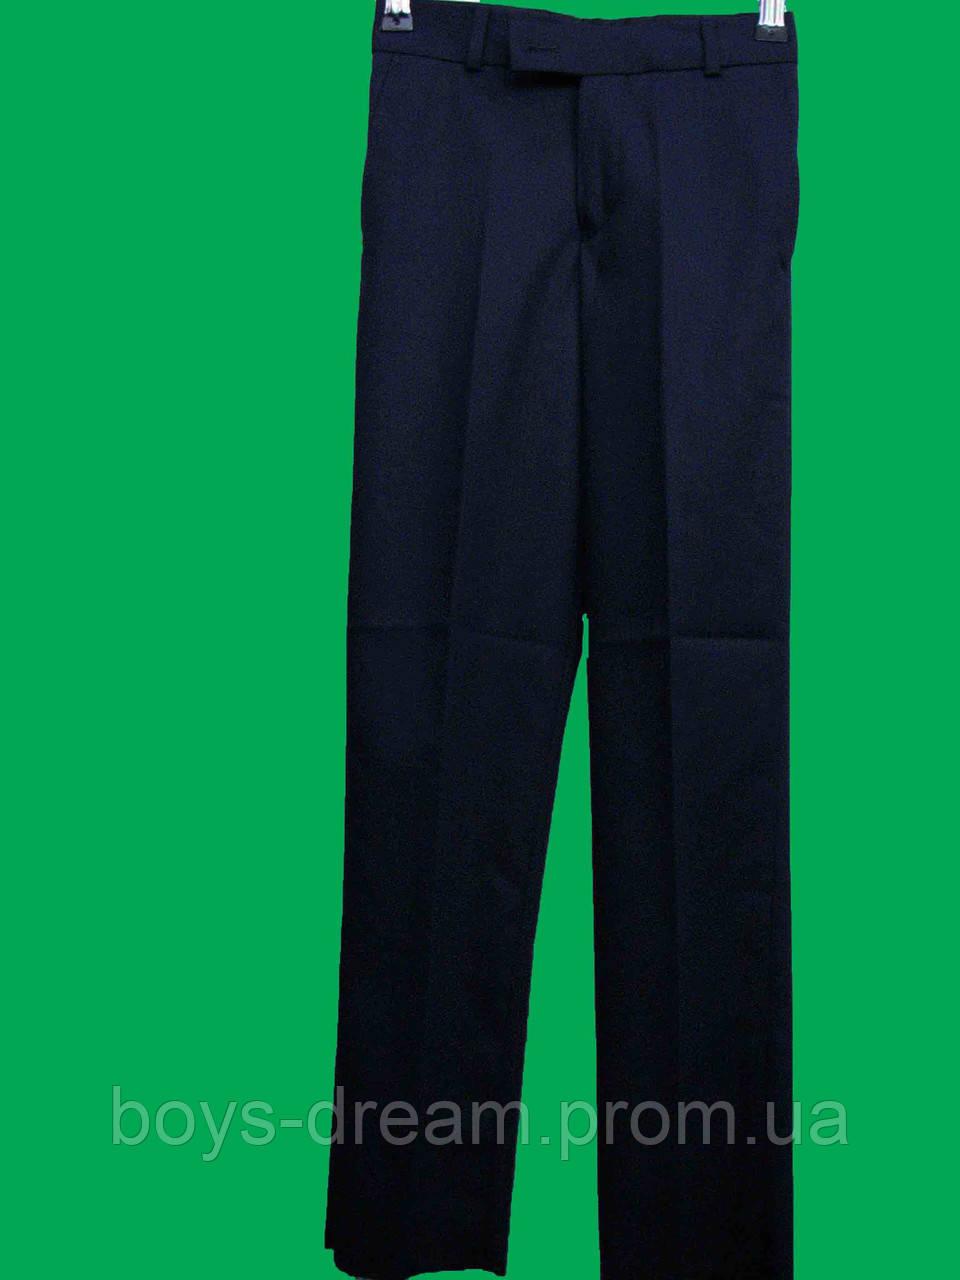 Классические брюки для мальчика 10-11 лет(Турция)